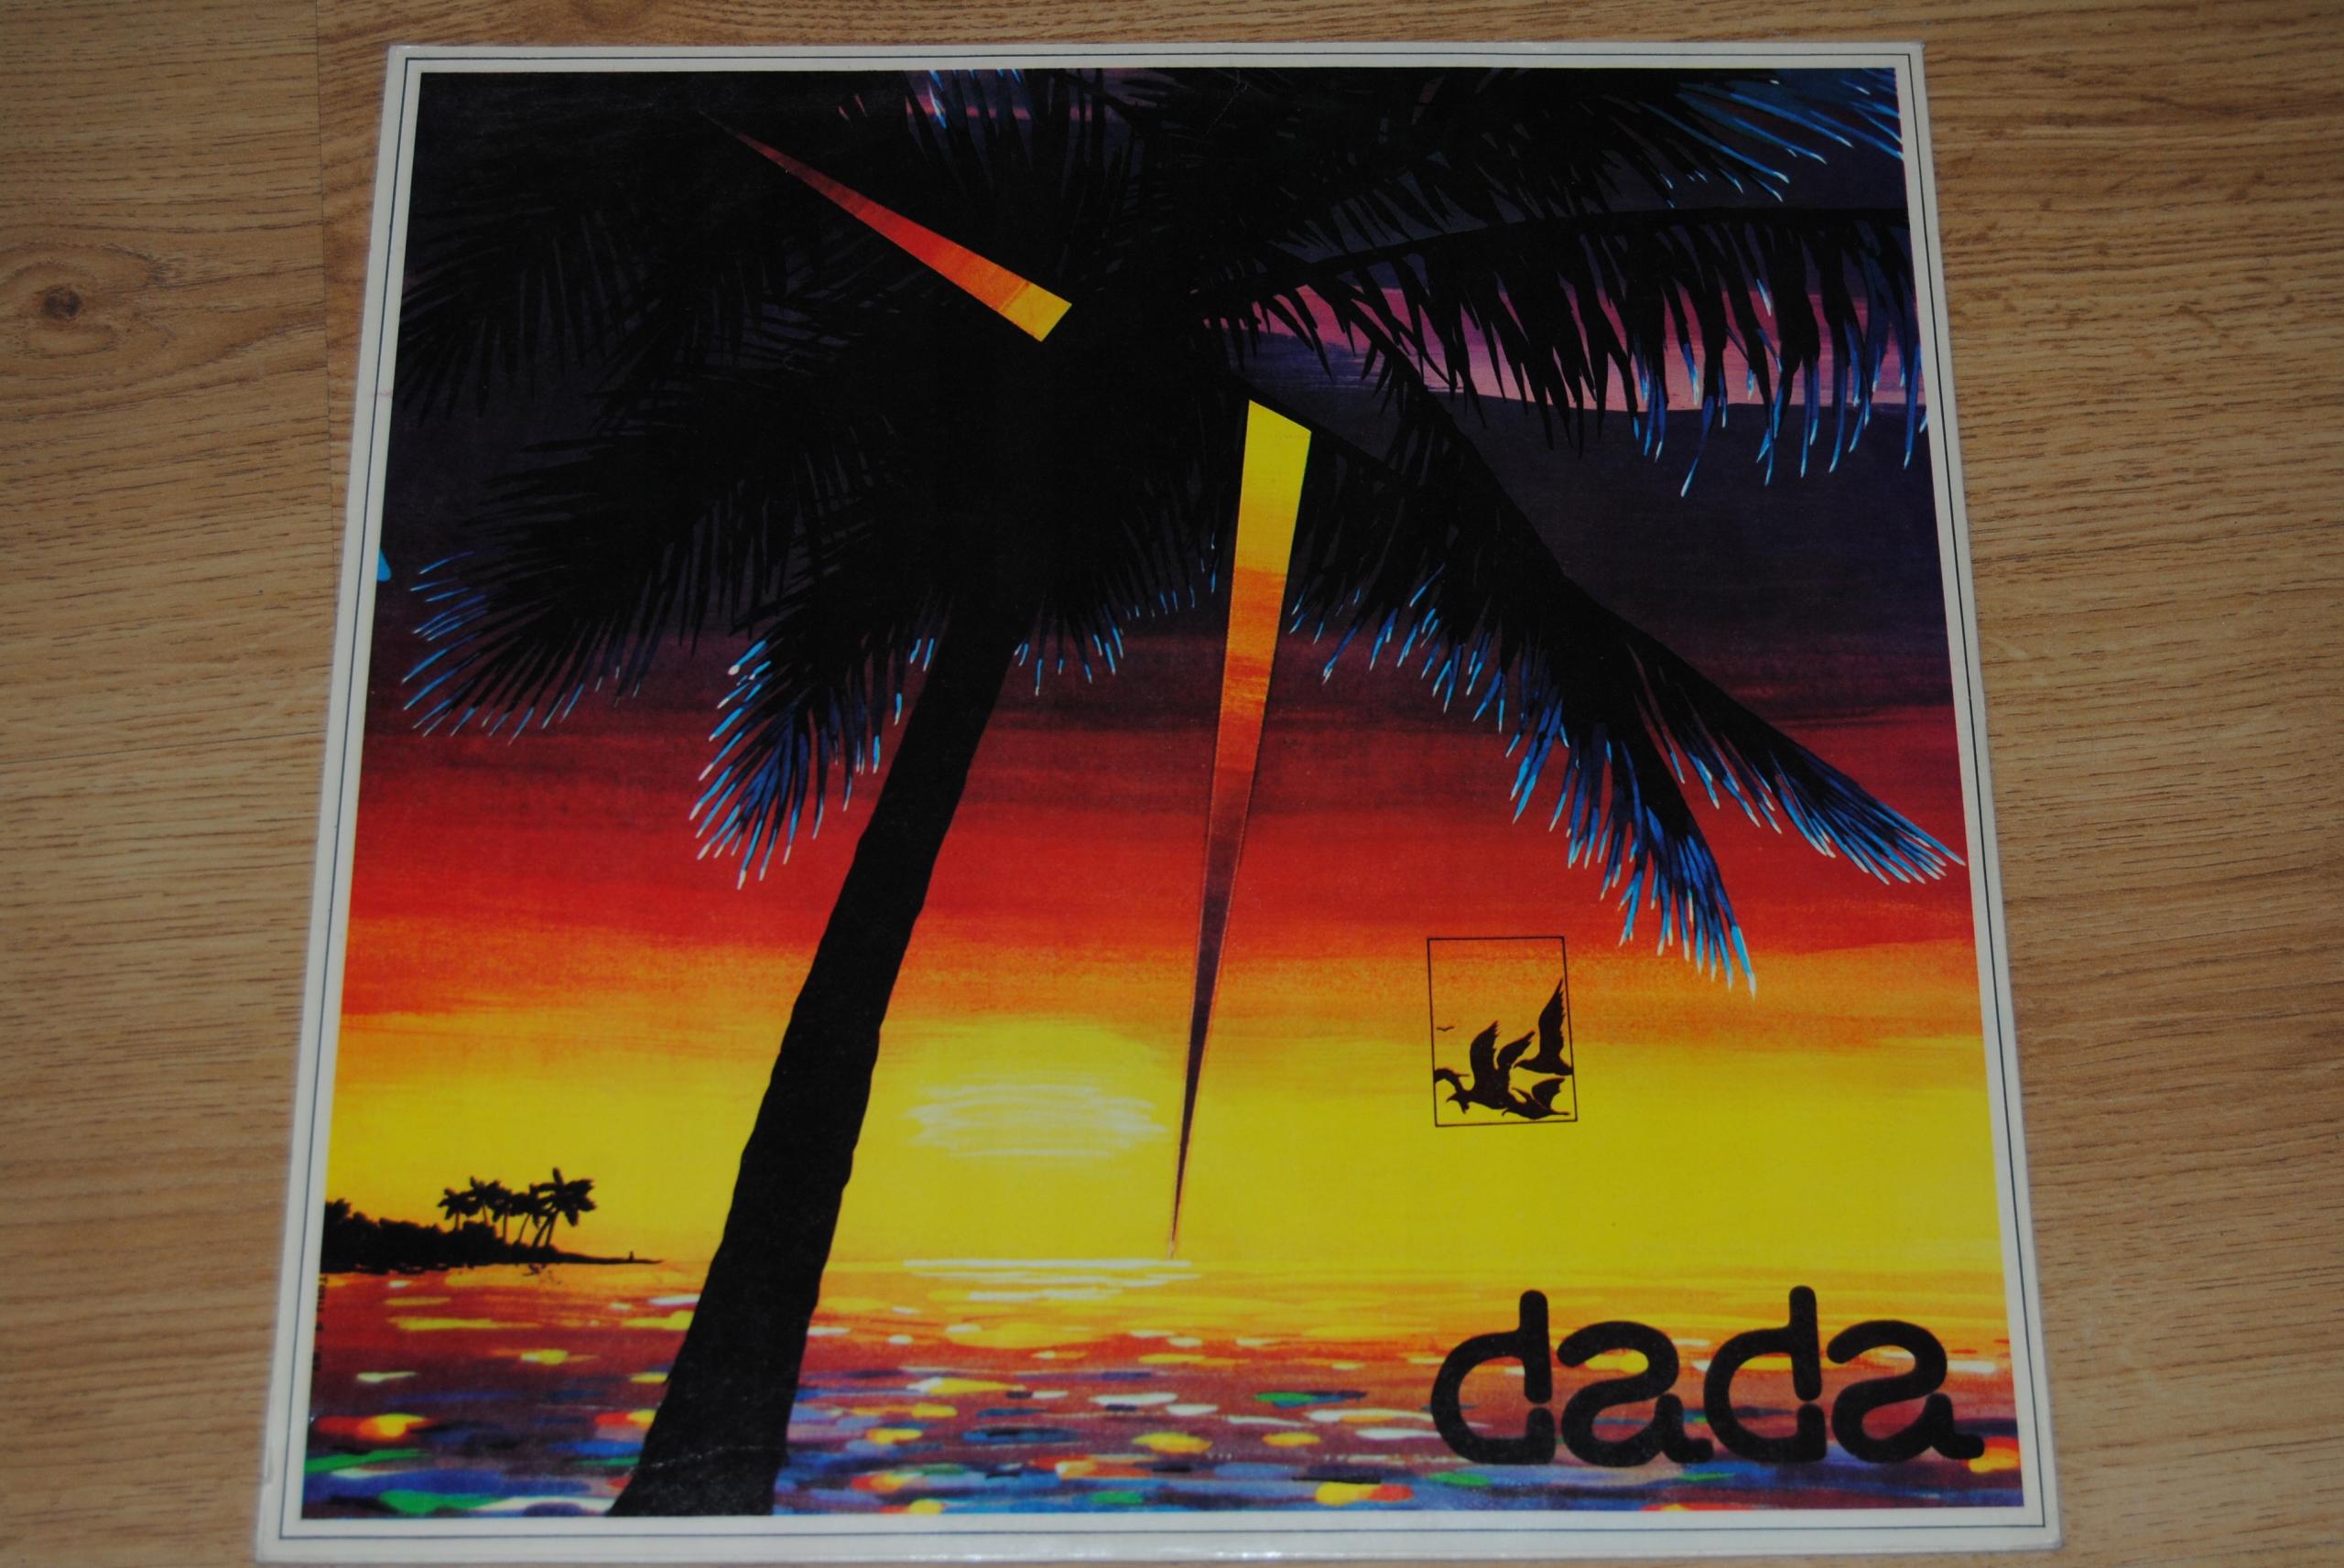 Dada - Dada __ __(Ex+)